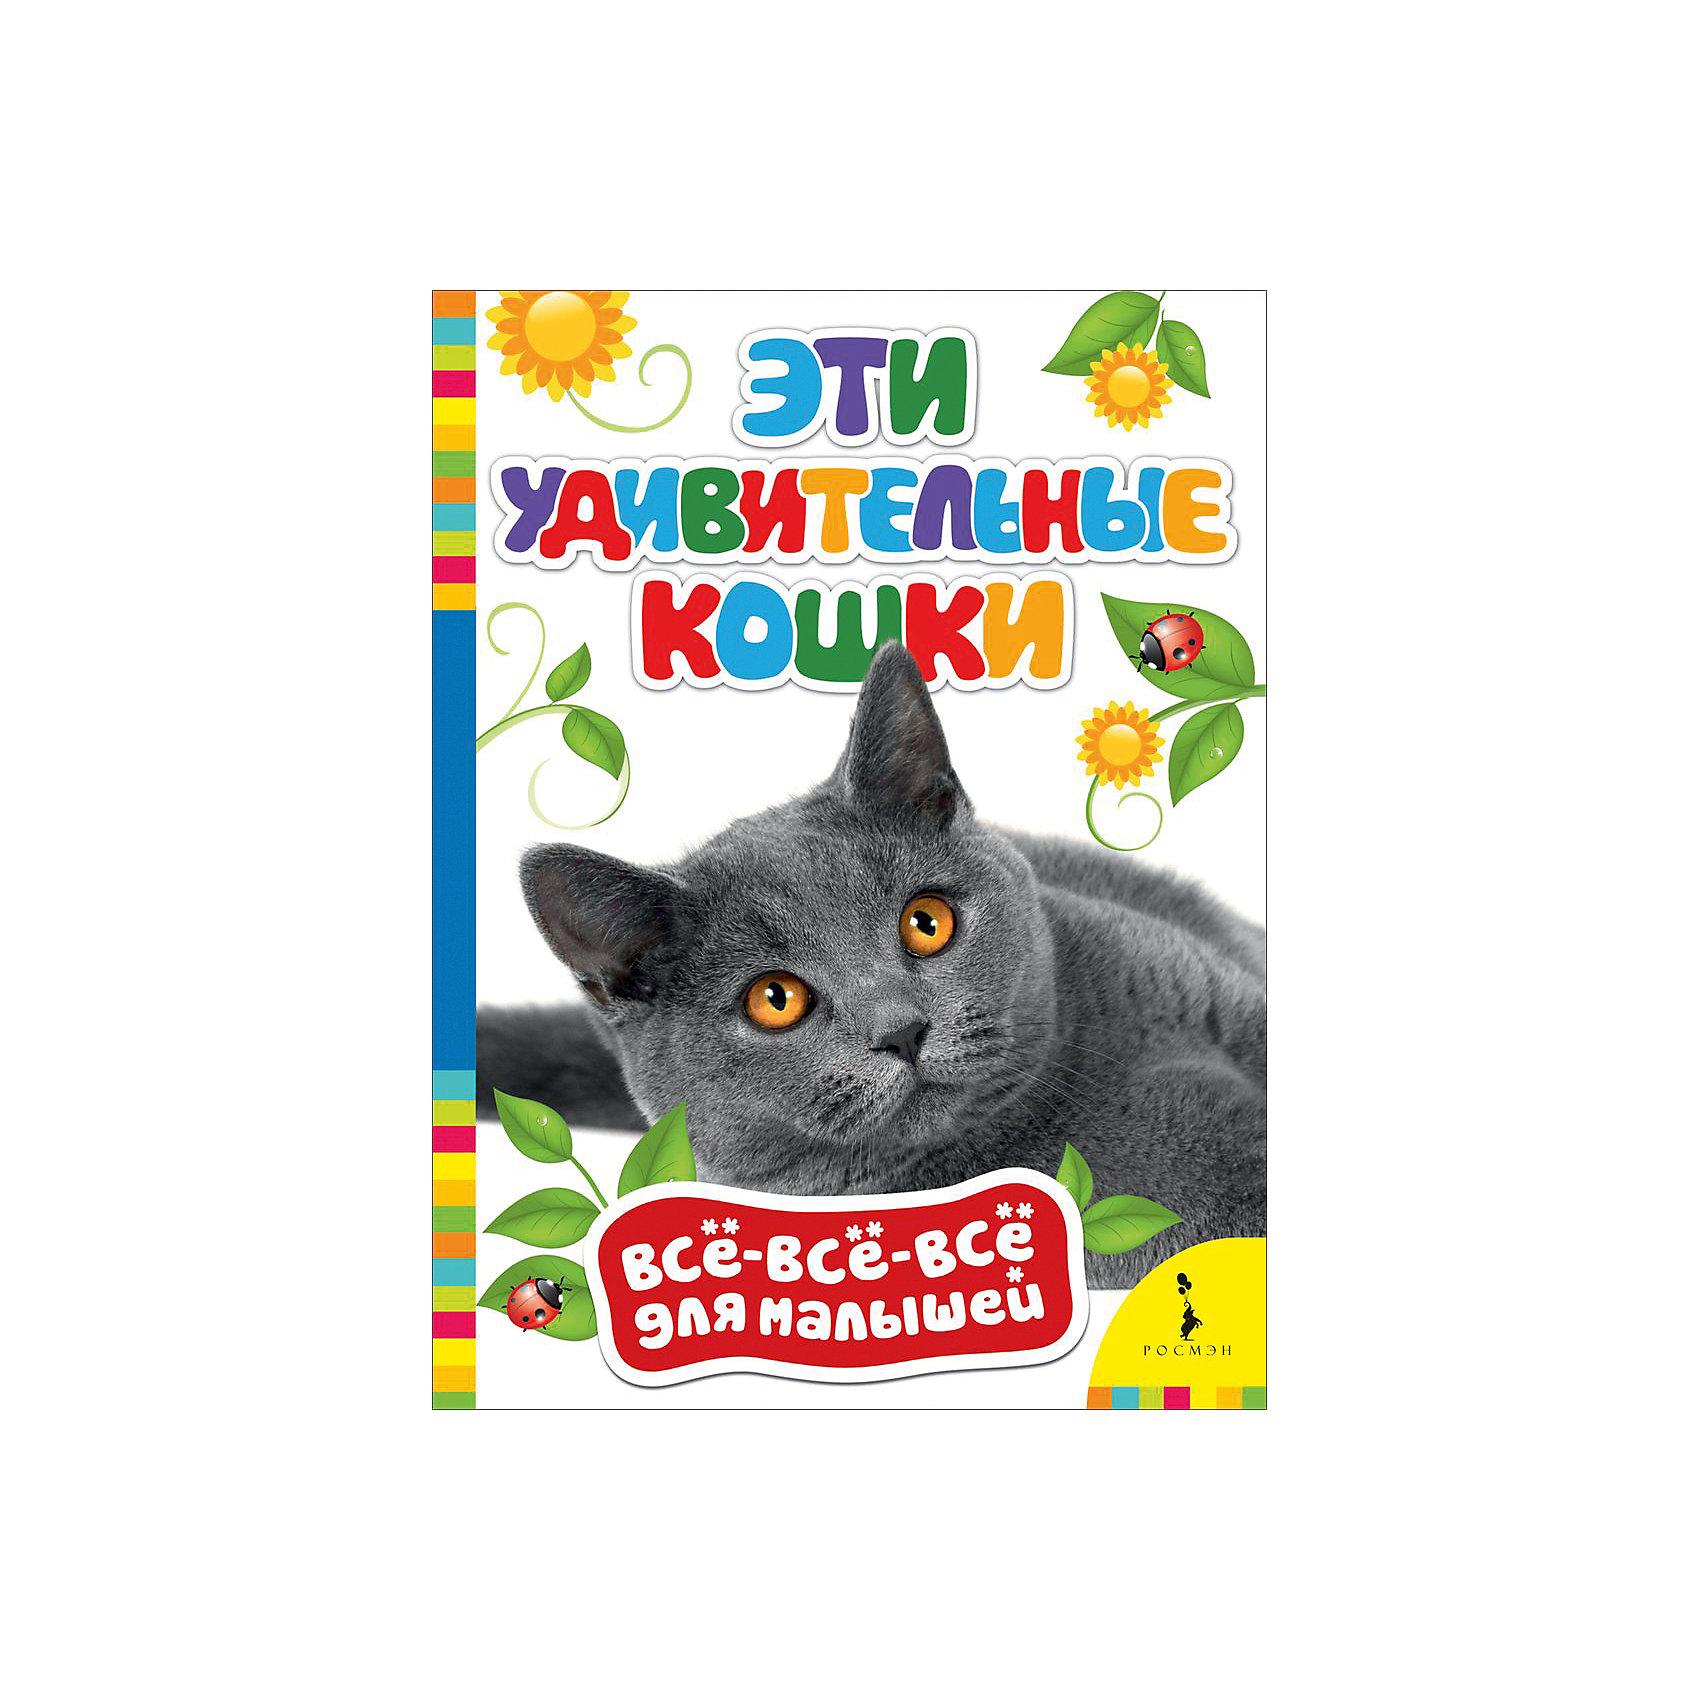 Эти удивительные кошки, Всё-всё-всё для малышейЭнциклопедии для малышей<br>Характеристики товара:<br><br>- цвет: разноцветный;<br>- материал: бумага;<br>- страниц: 8;<br>- формат: 16 х 22 см;<br>- обложка: твердая;<br>- иллюстрации.<br><br>Получать нужные знания можно в веселой форме! Эта интересная книга с иллюстрациями станет отличным подарком для ребенка. Она поможет малышу расширить словарный запас, узнать новое и равить навыки общения. Книга дополнена яркими качественными изображениями, которые помогают ребенку познавать мир.<br>Чтение - отличный способ активизации мышления, оно помогает ребенку развивать зрительную память, концентрацию внимания и воображение. Издание произведено из качественных материалов, которые безопасны даже для самых маленьких.<br><br>Книгу Эти удивительные кошки, Всё-всё-всё для малышей от компании Росмэн можно купить в нашем интернет-магазине.<br><br>Ширина мм: 220<br>Глубина мм: 160<br>Высота мм: 4<br>Вес г: 109<br>Возраст от месяцев: 0<br>Возраст до месяцев: 36<br>Пол: Унисекс<br>Возраст: Детский<br>SKU: 5110260